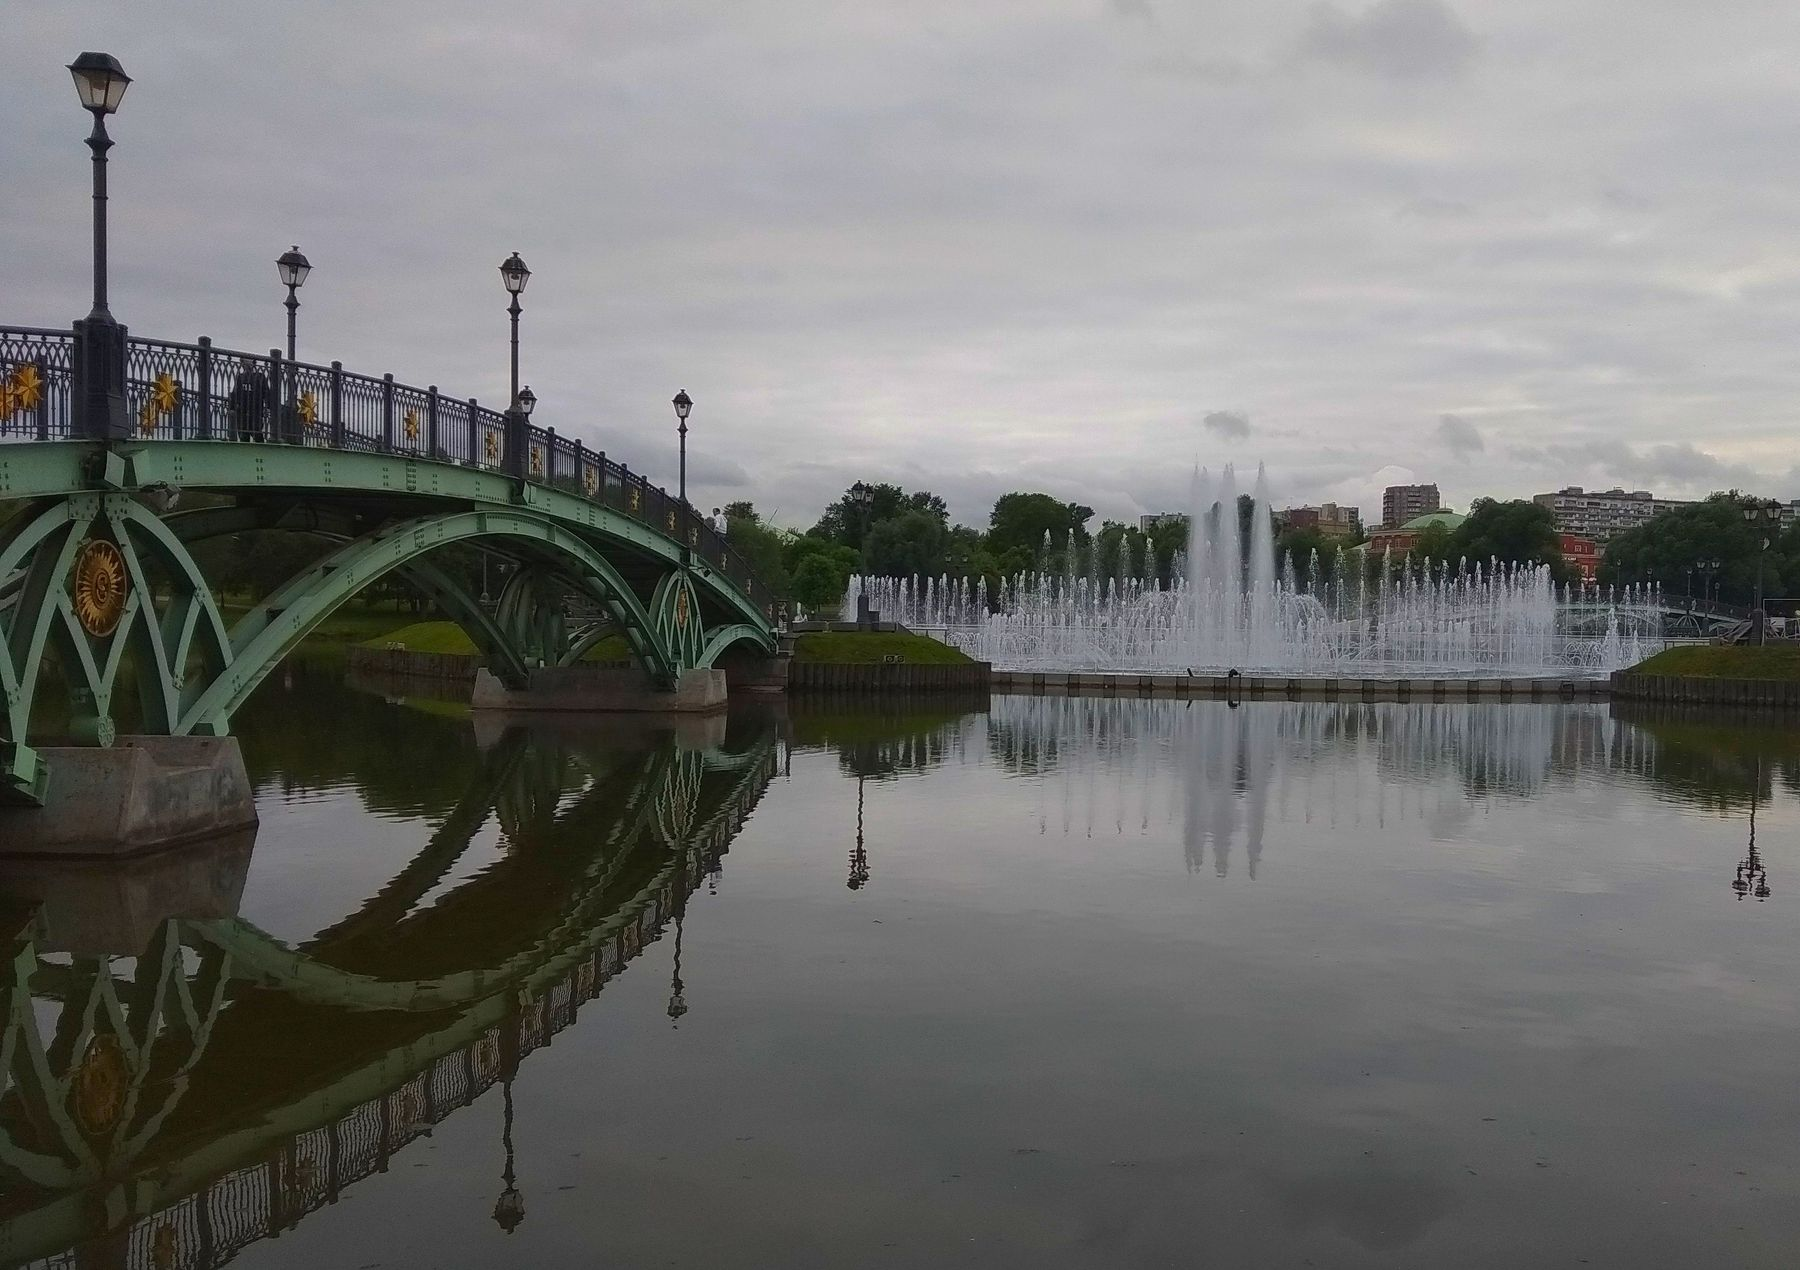 Фонтан в Царицинском парке Фонтан мост пруд Царицино